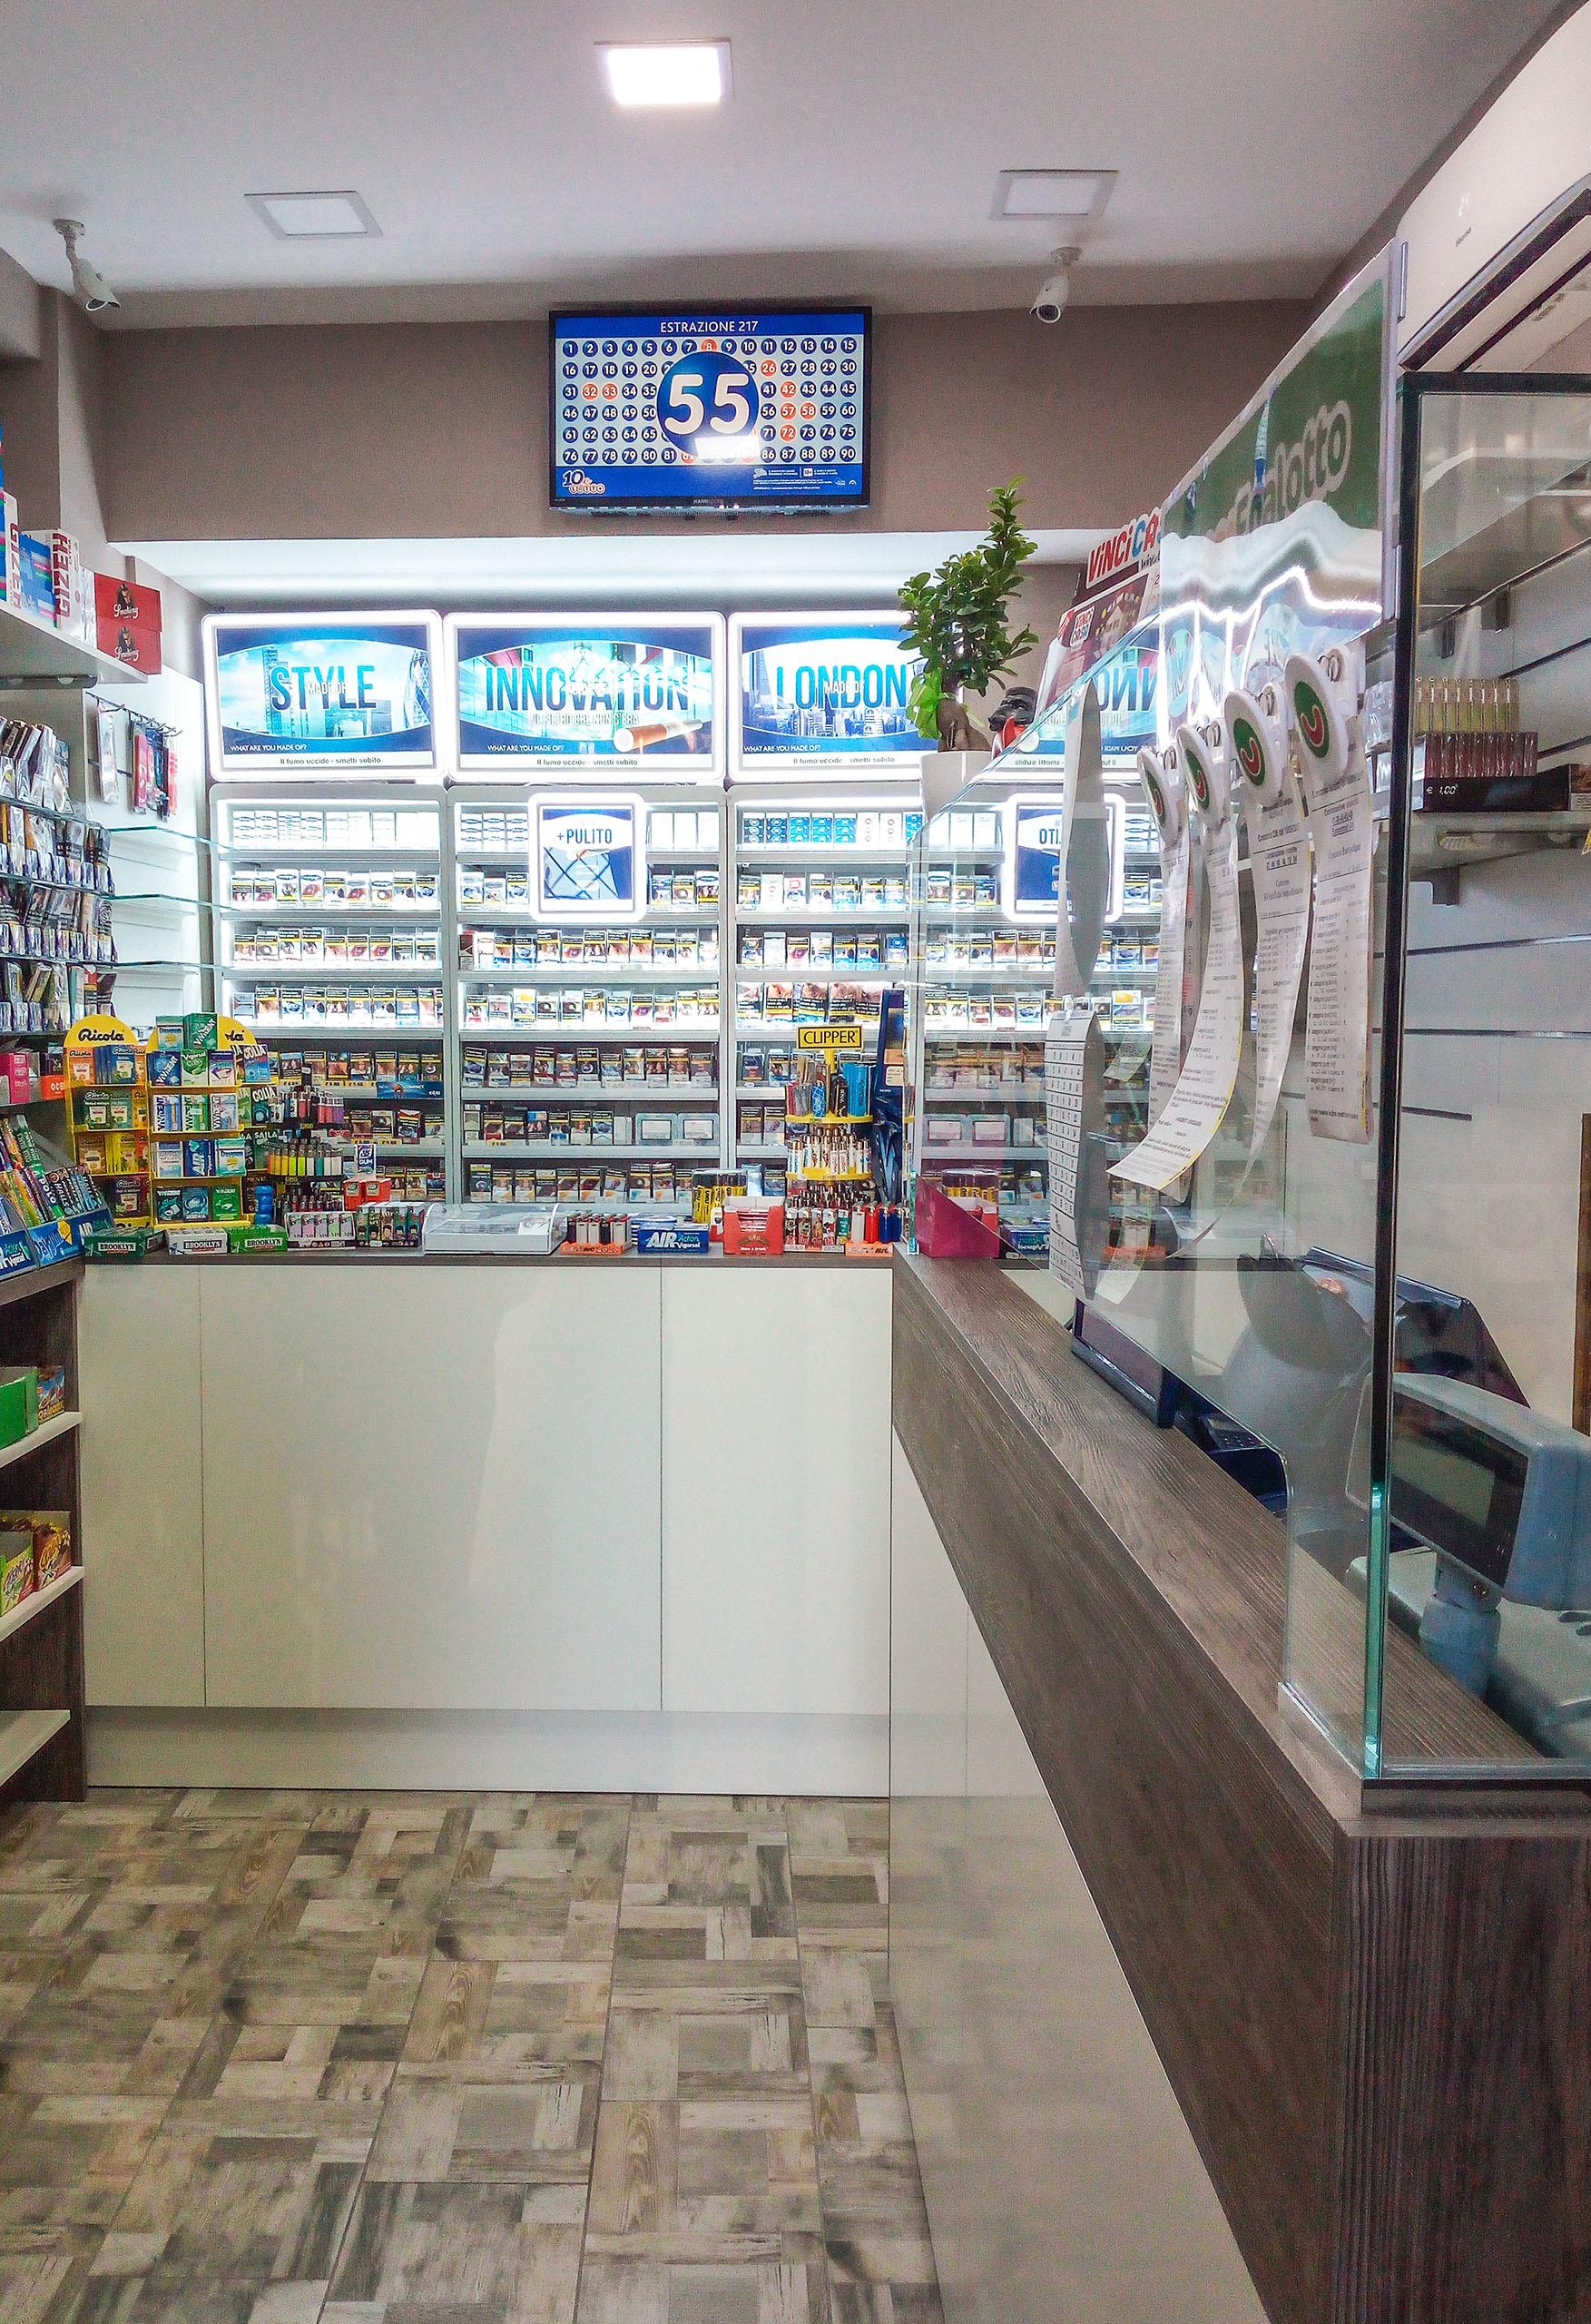 Banco tabacchi, espositore sigarette, lotteria